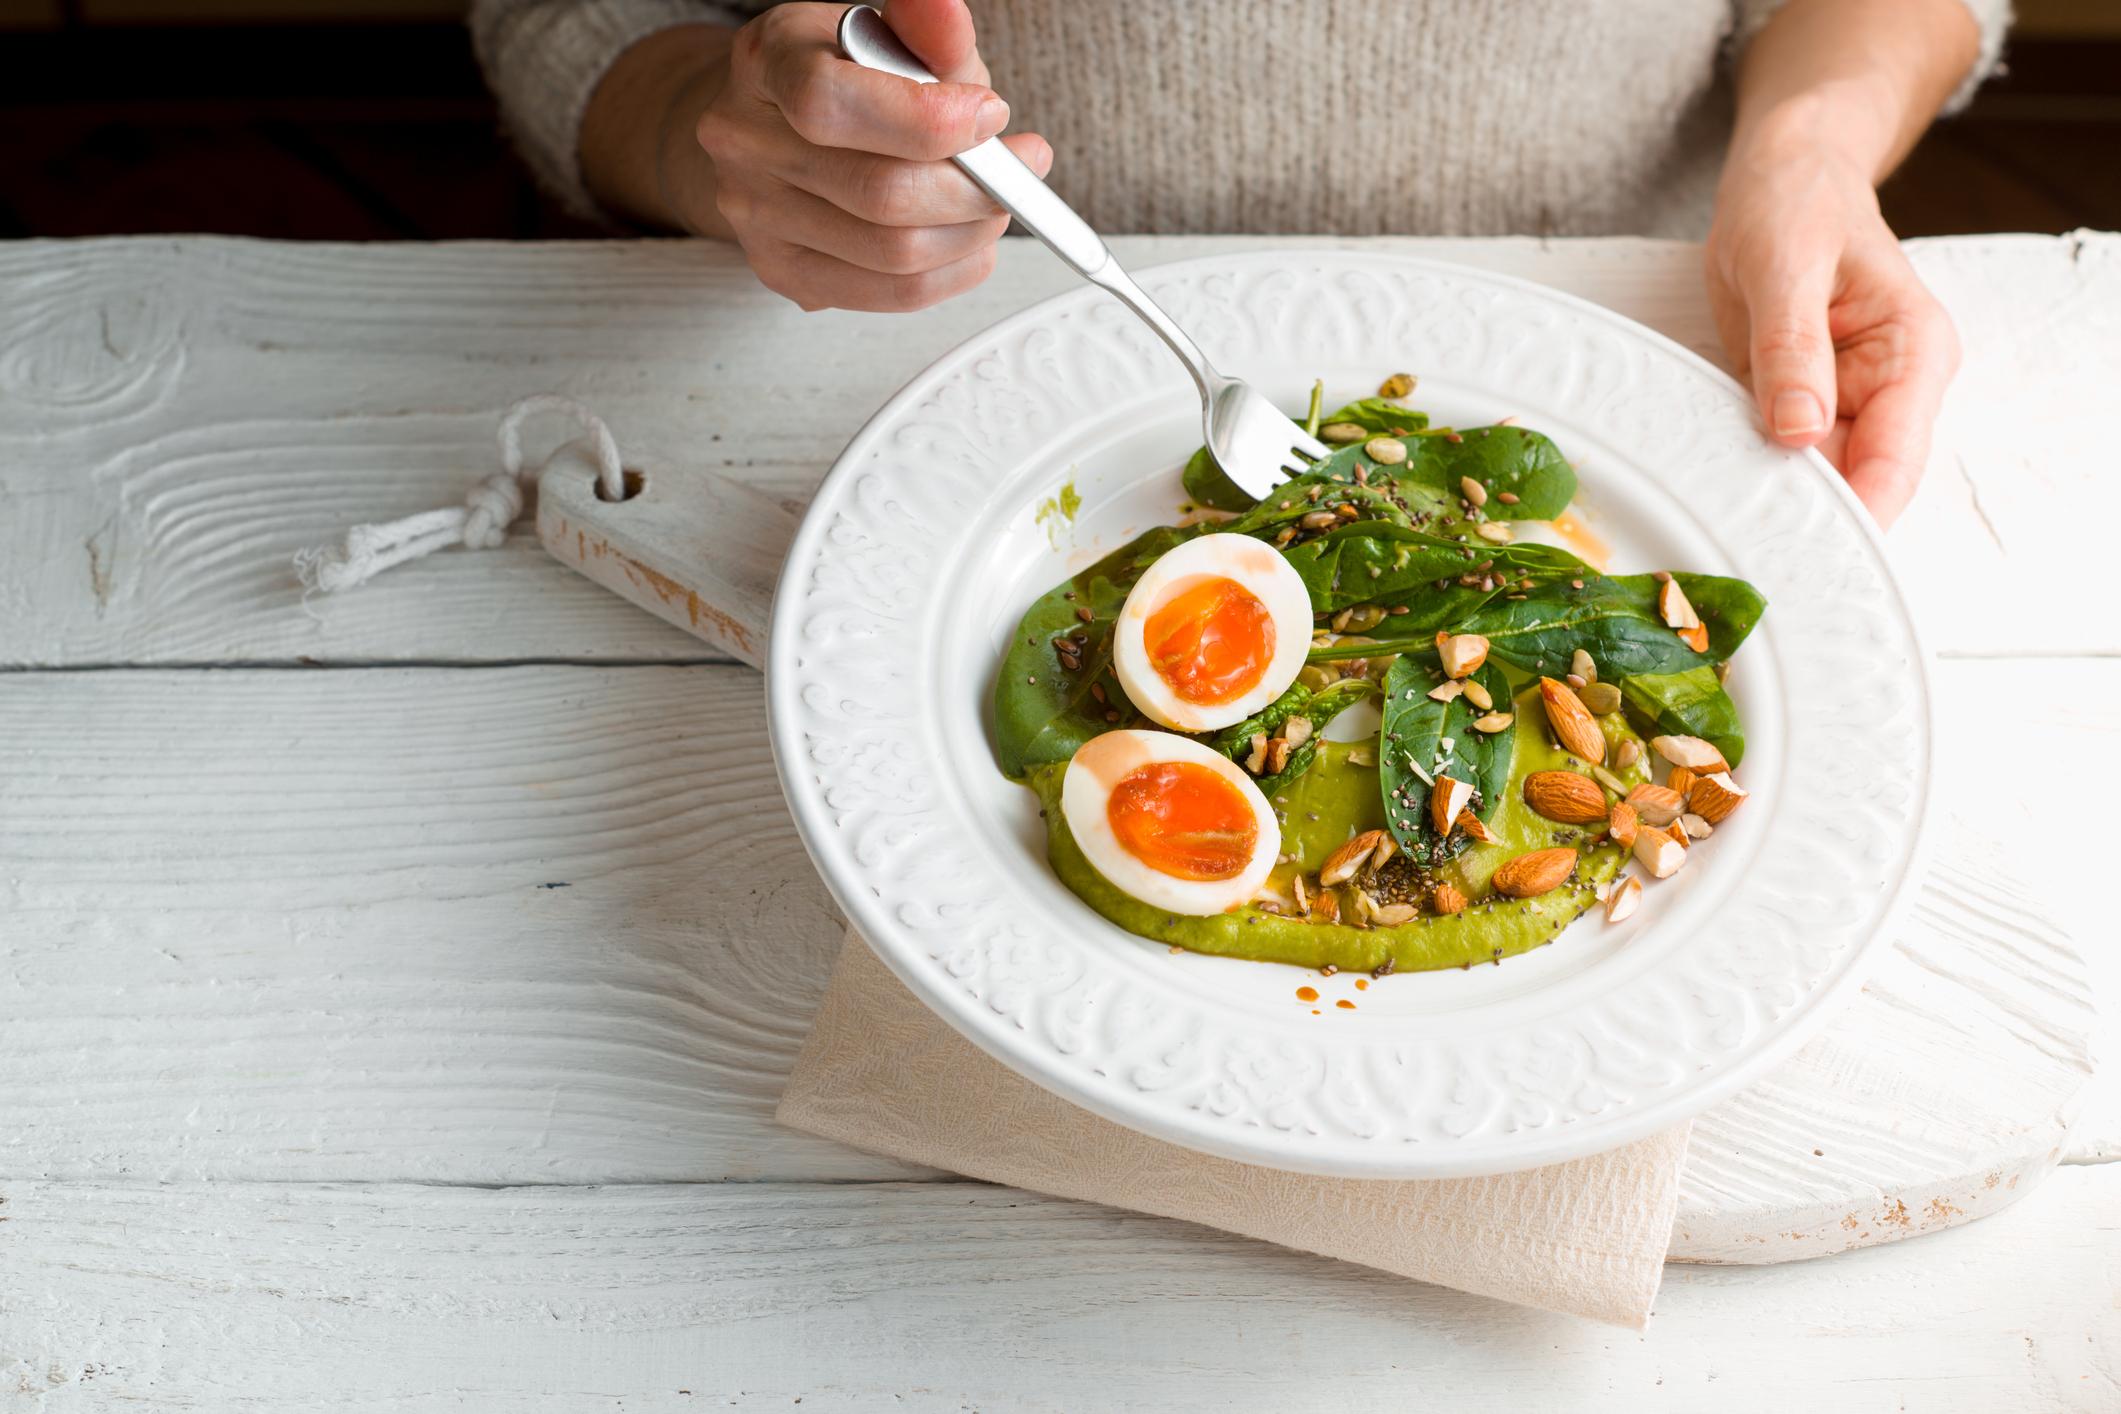 Mulher comendo salada com ovos